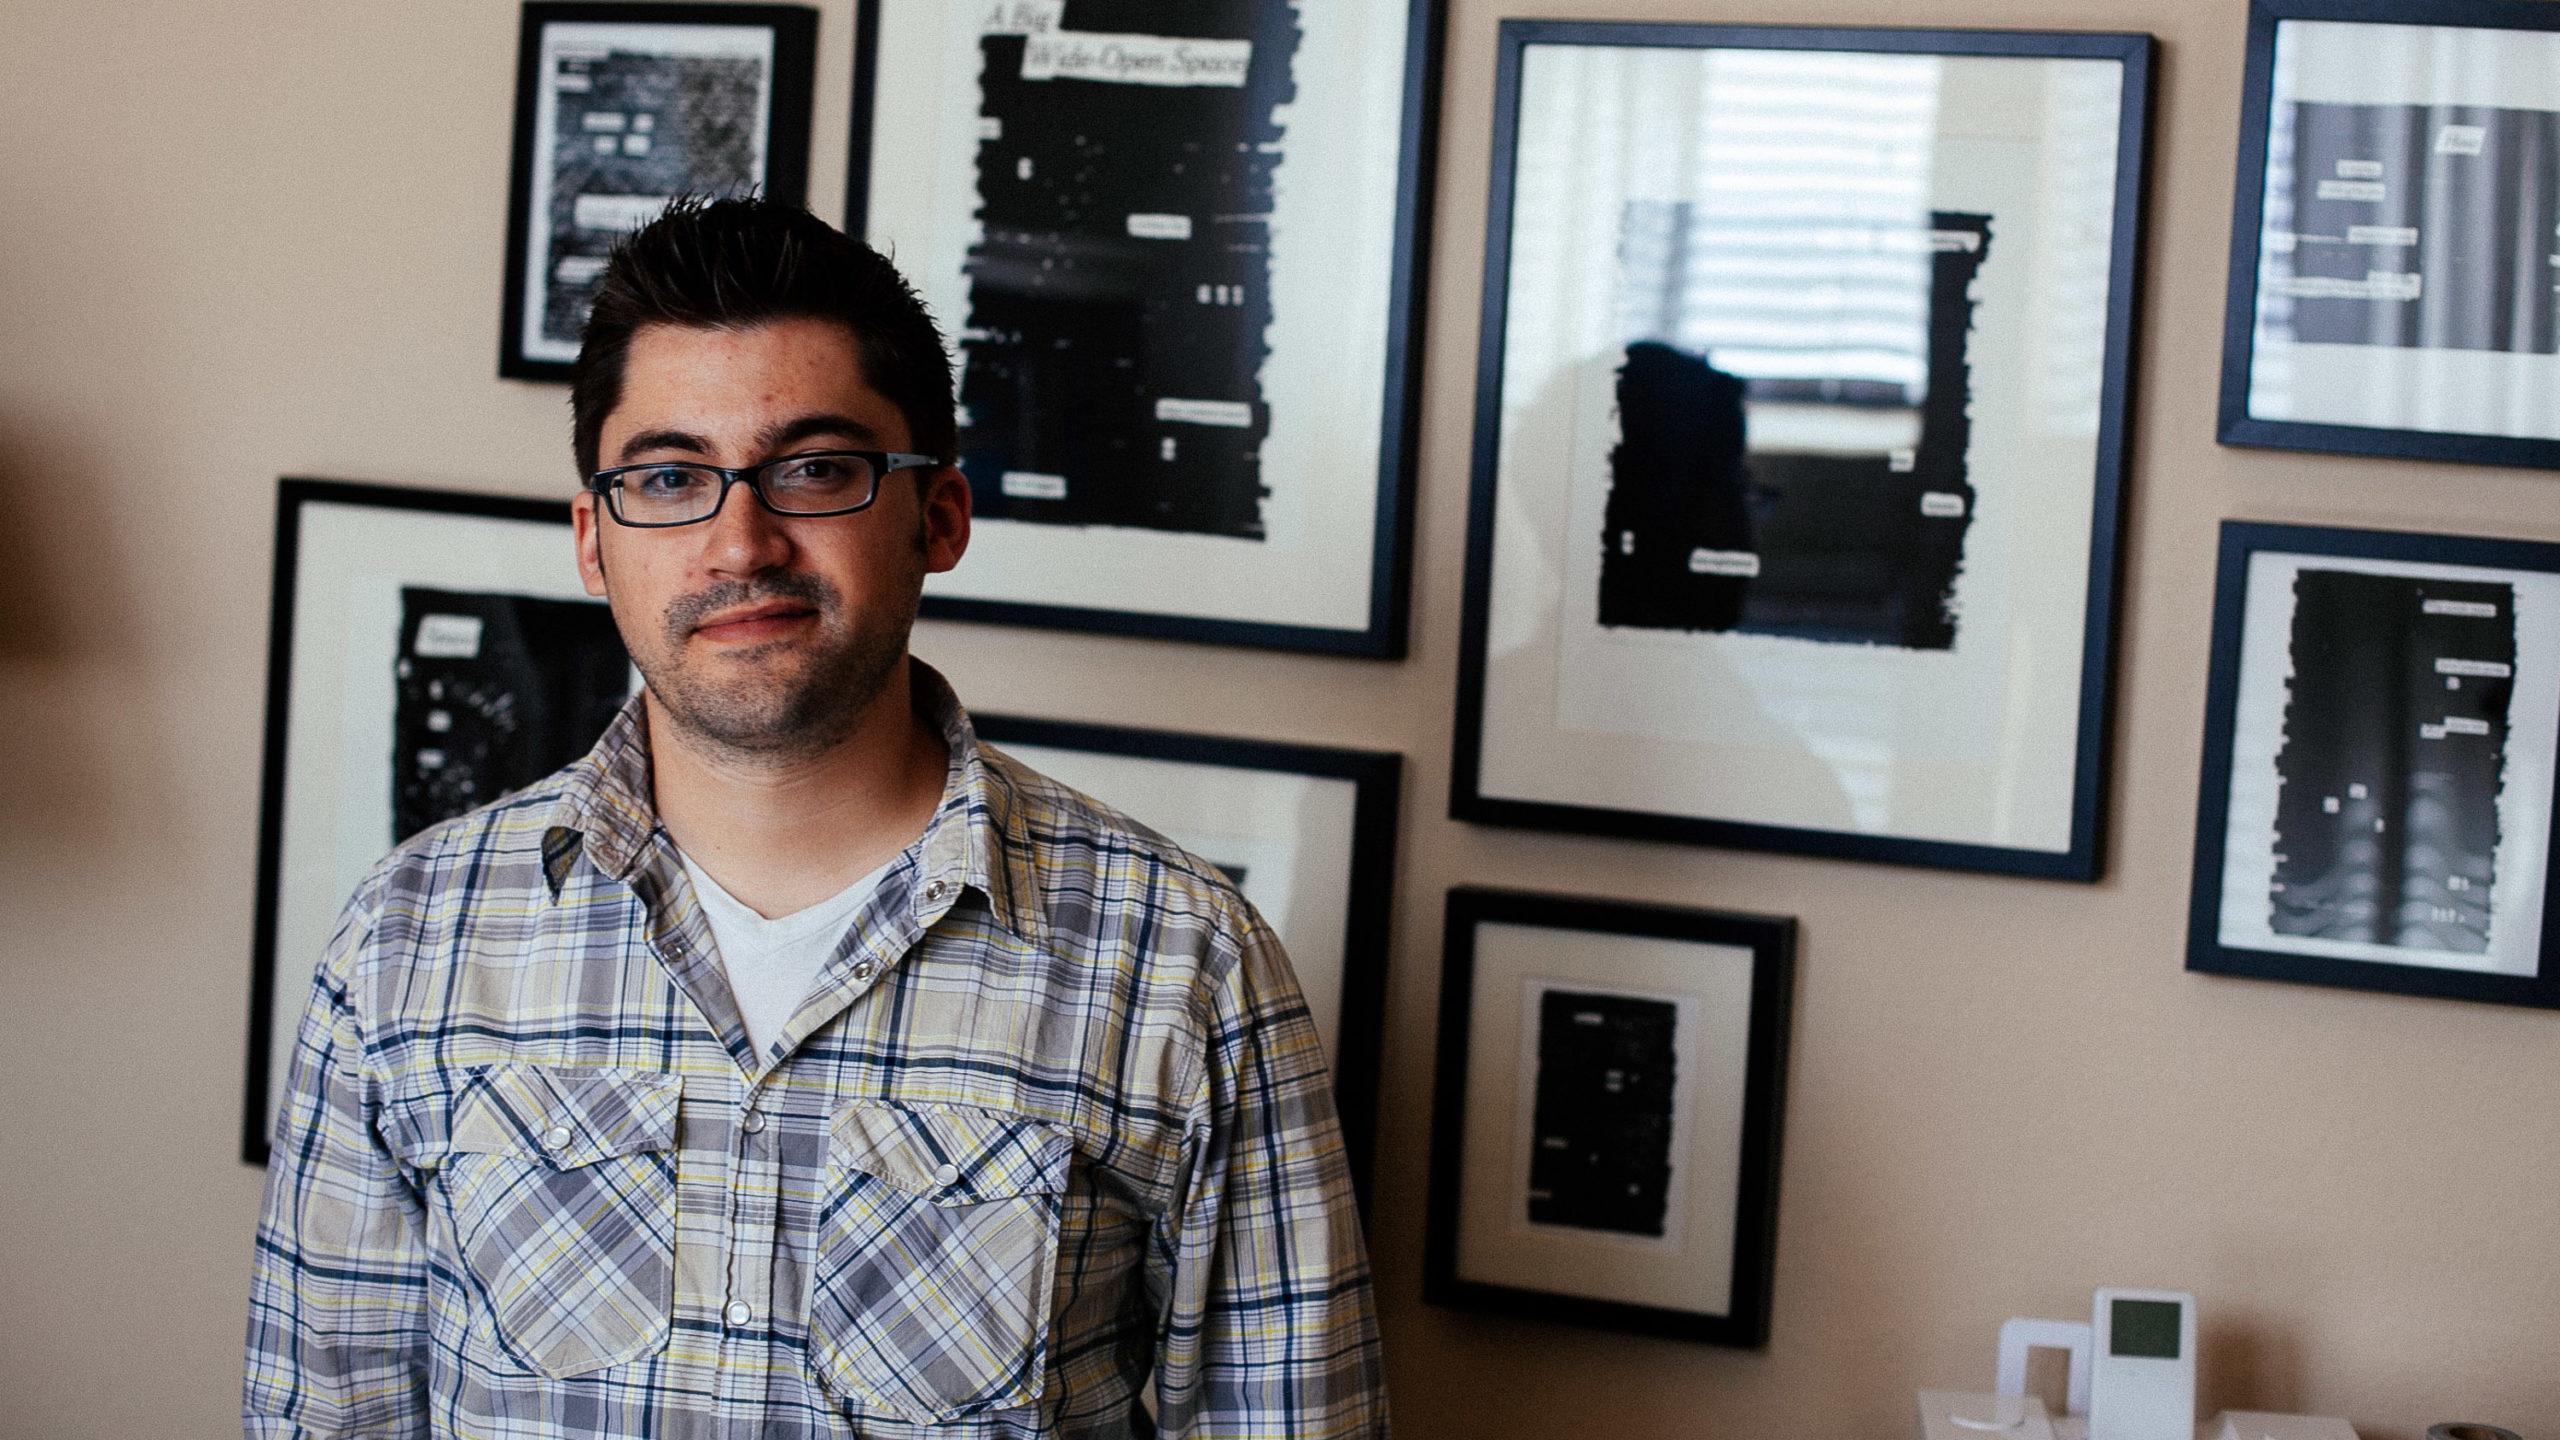 A man in front of framed artwork